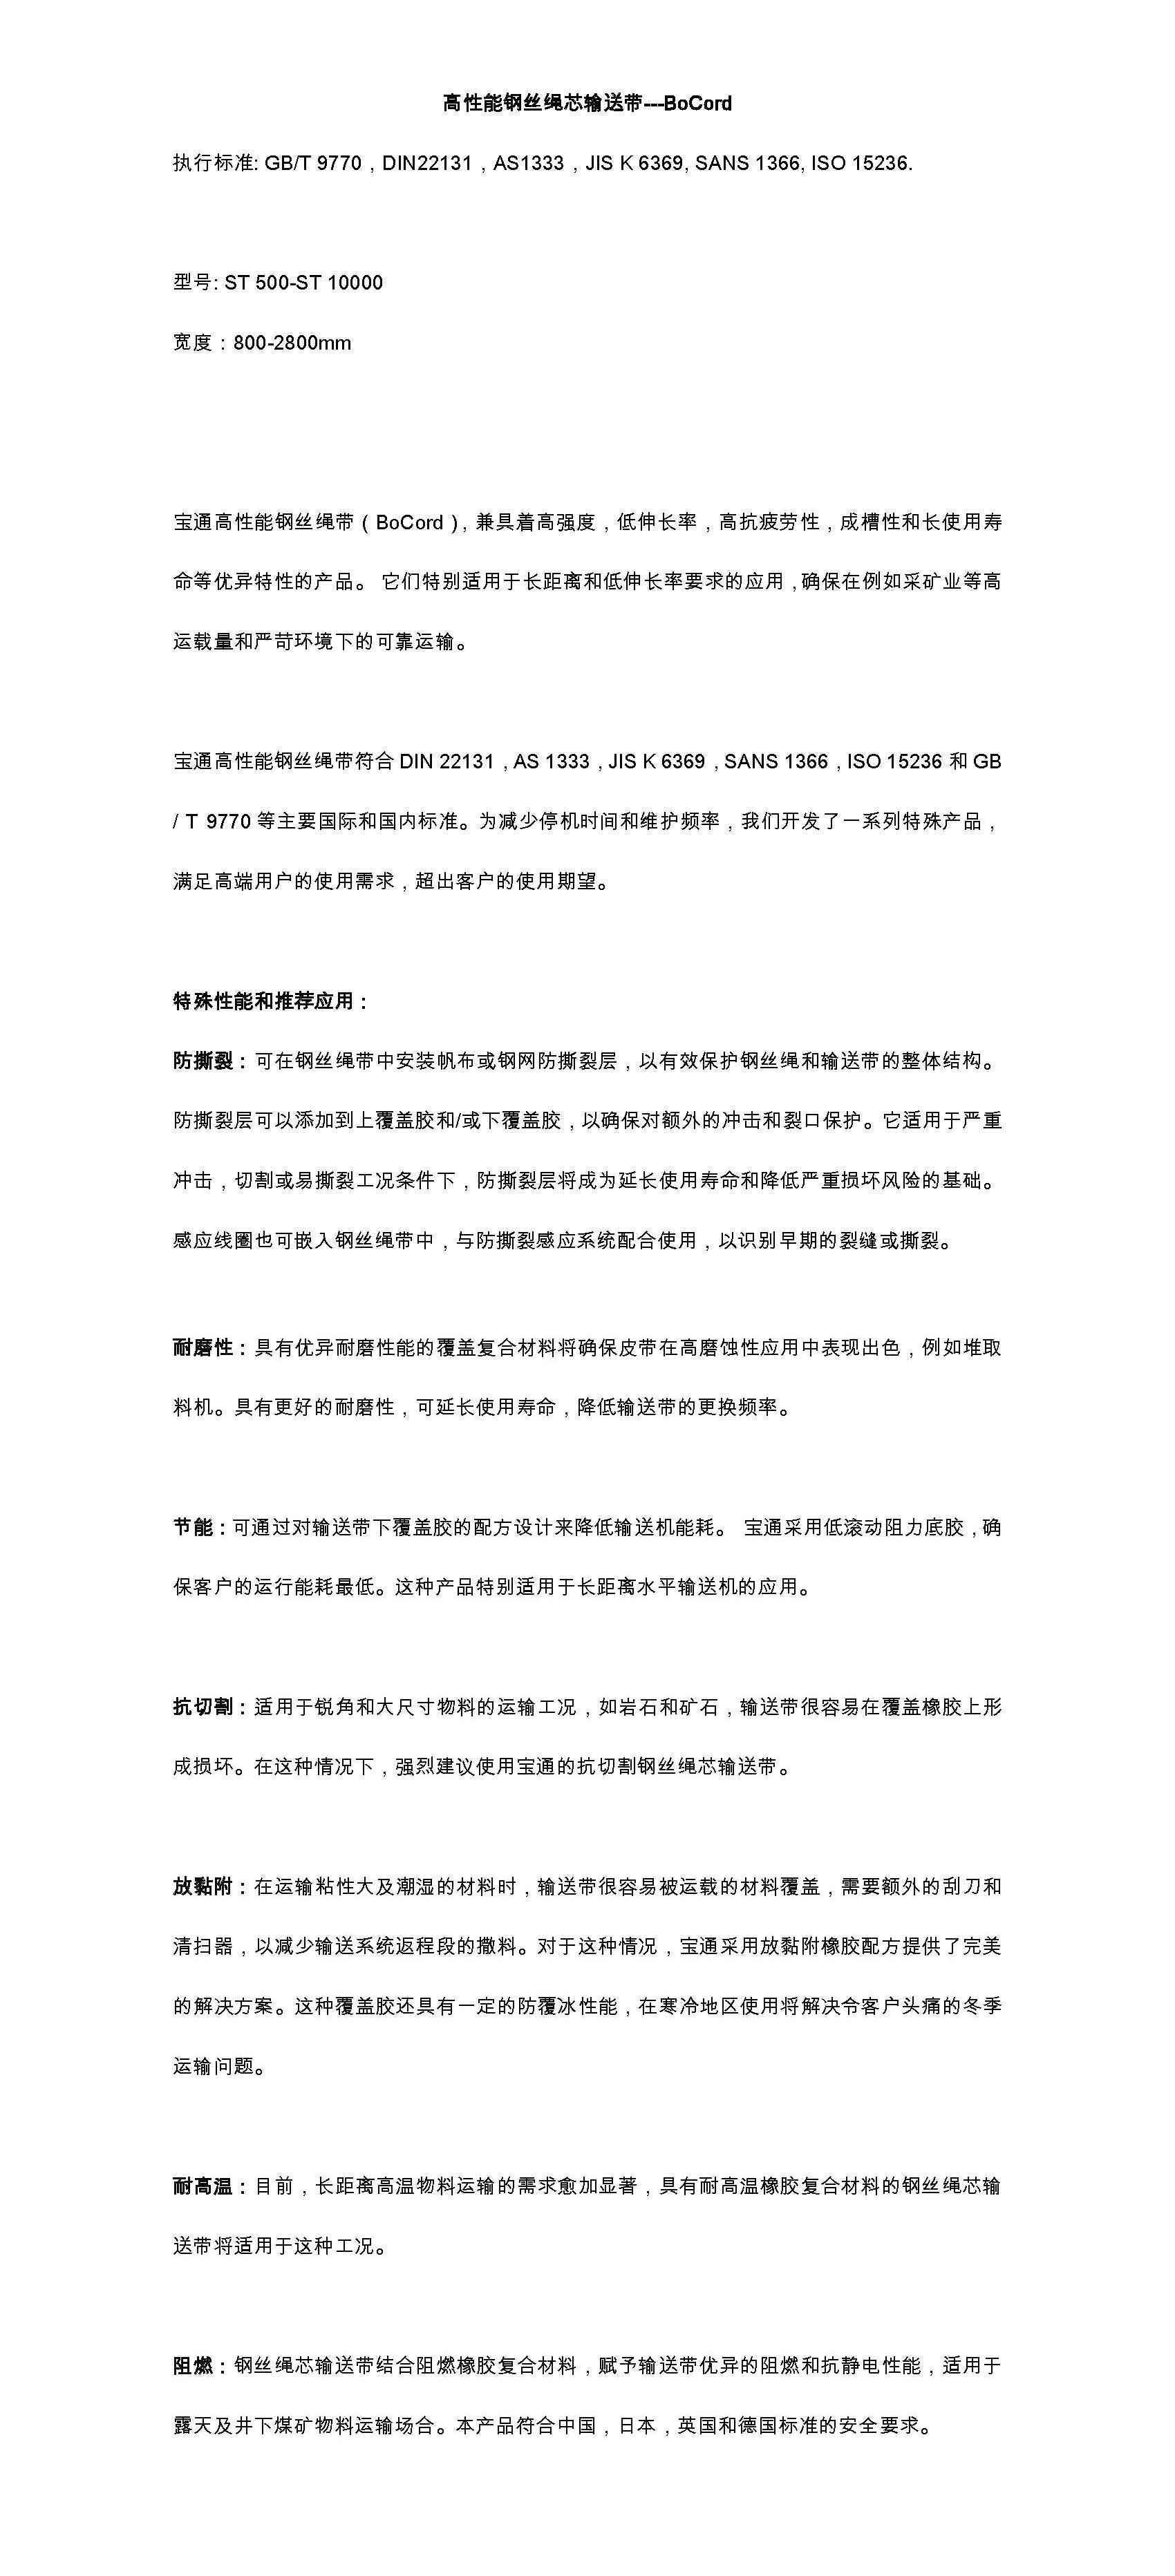 高強度鋼絲繩芯輸送帶介紹-中文合